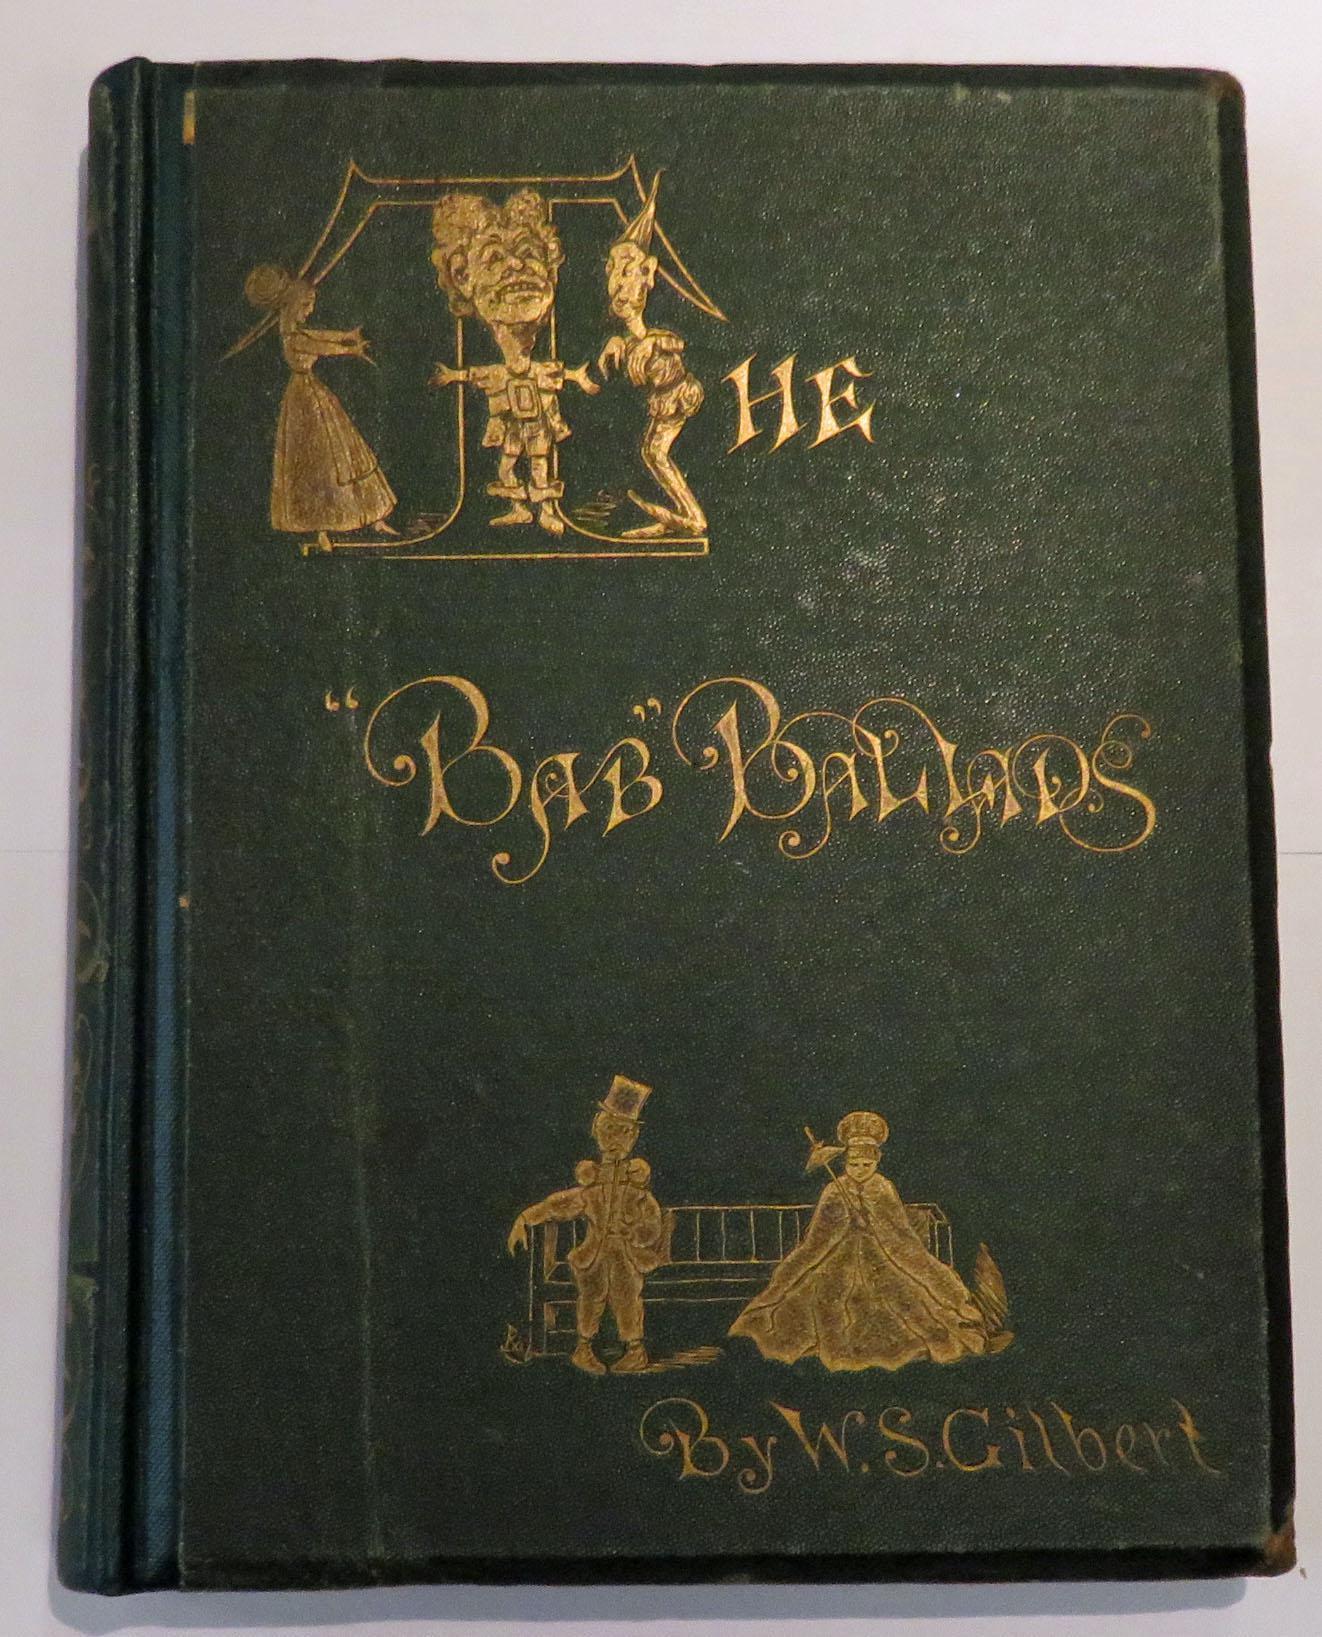 The Bab Ballads Much Sound And Little Sense